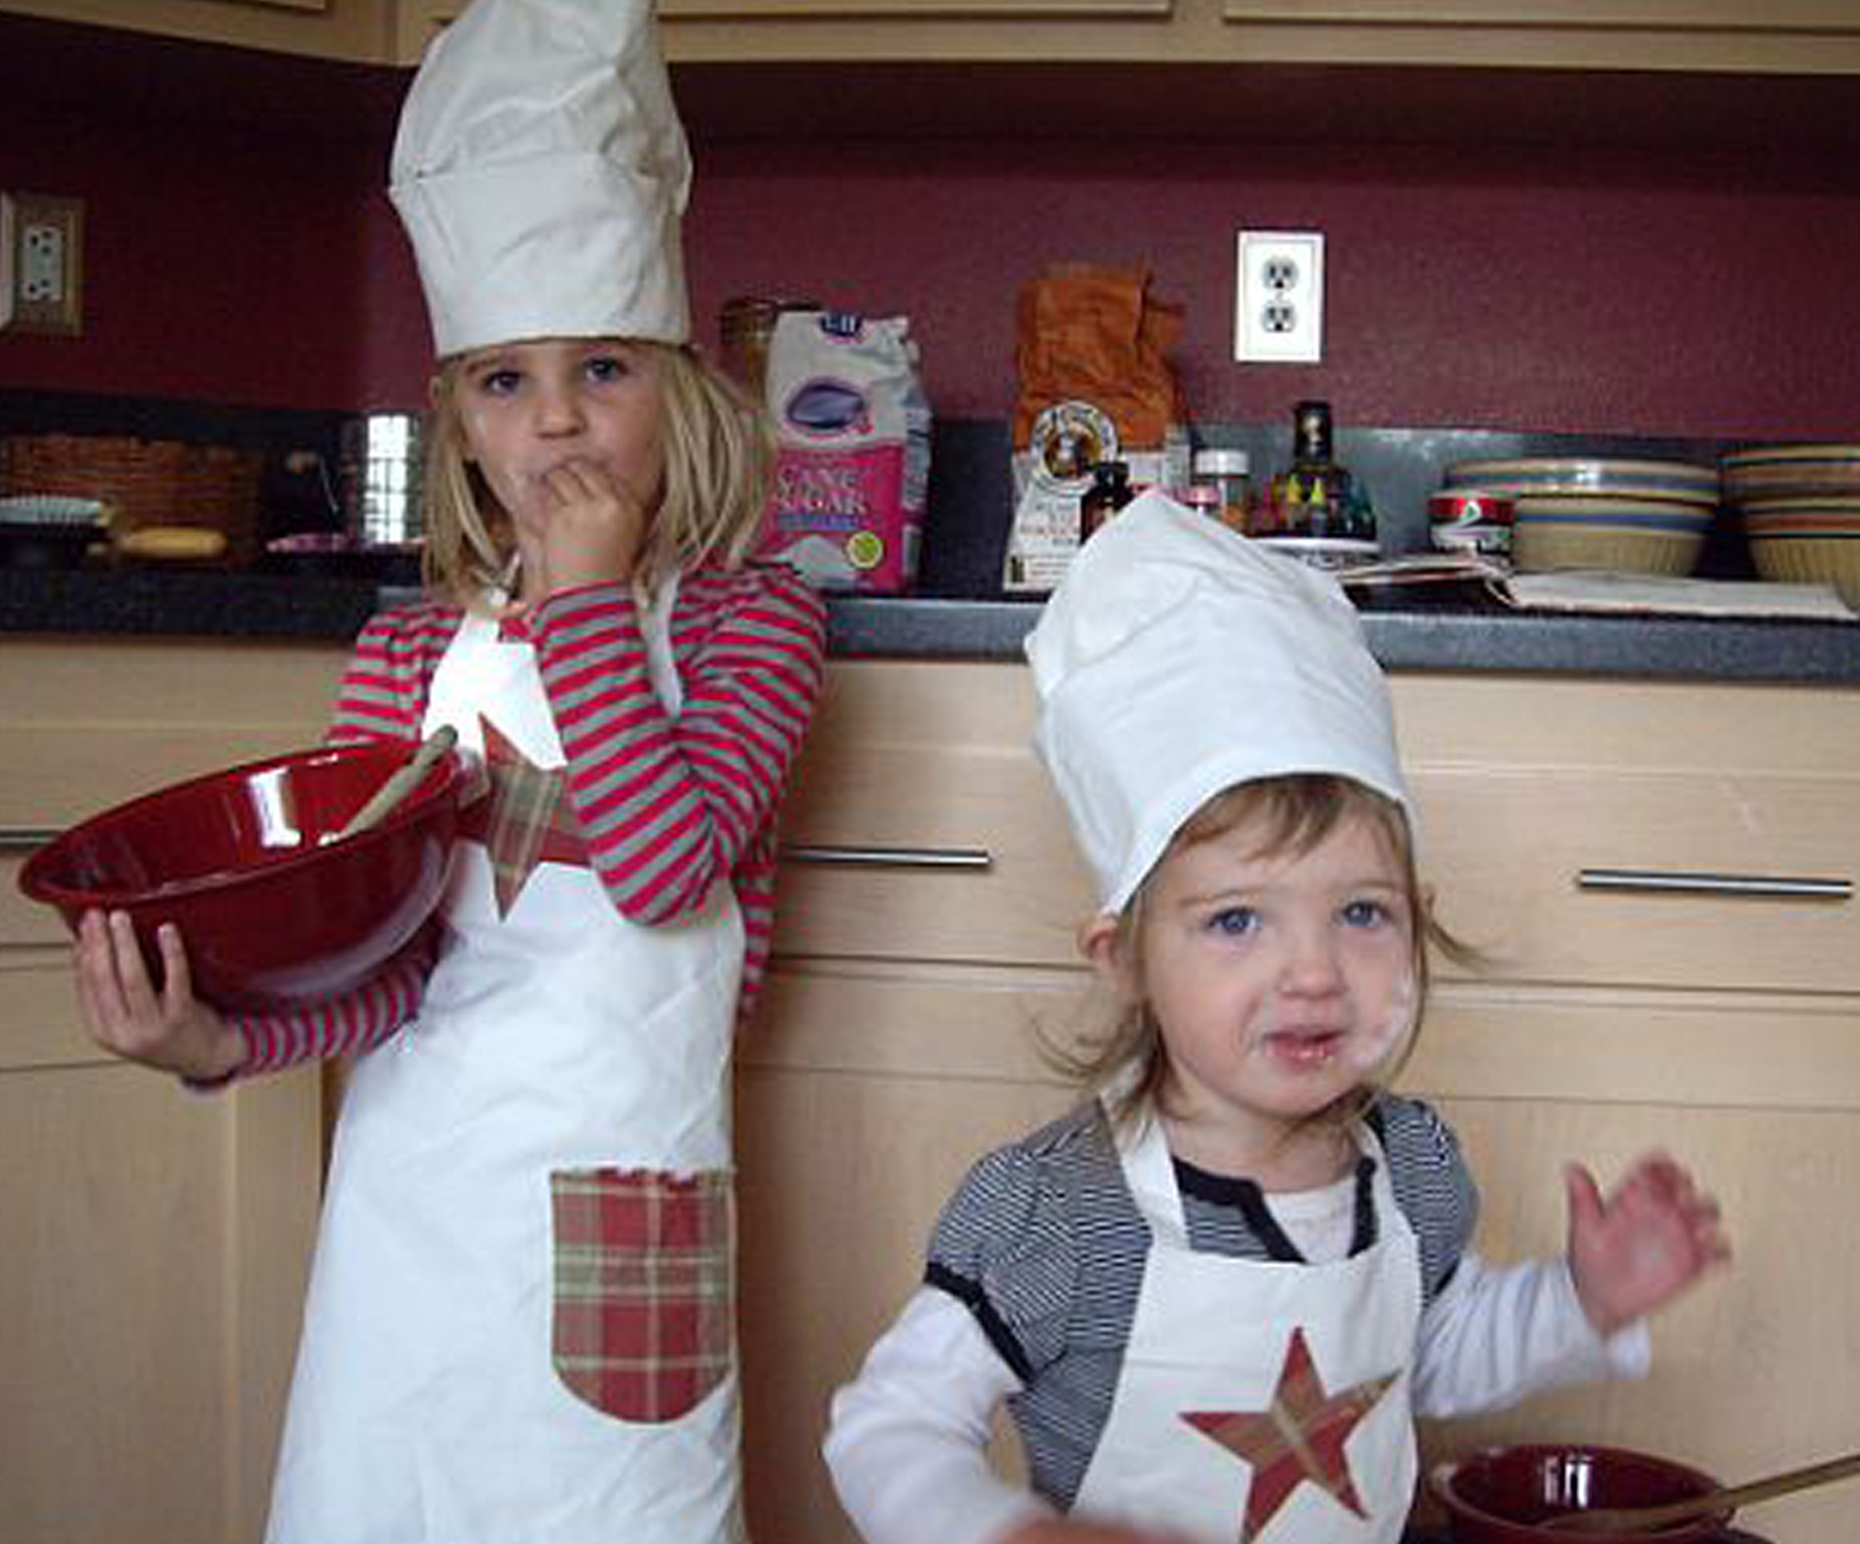 Home Grown Fun Holiday Aprons And Creative Christmas